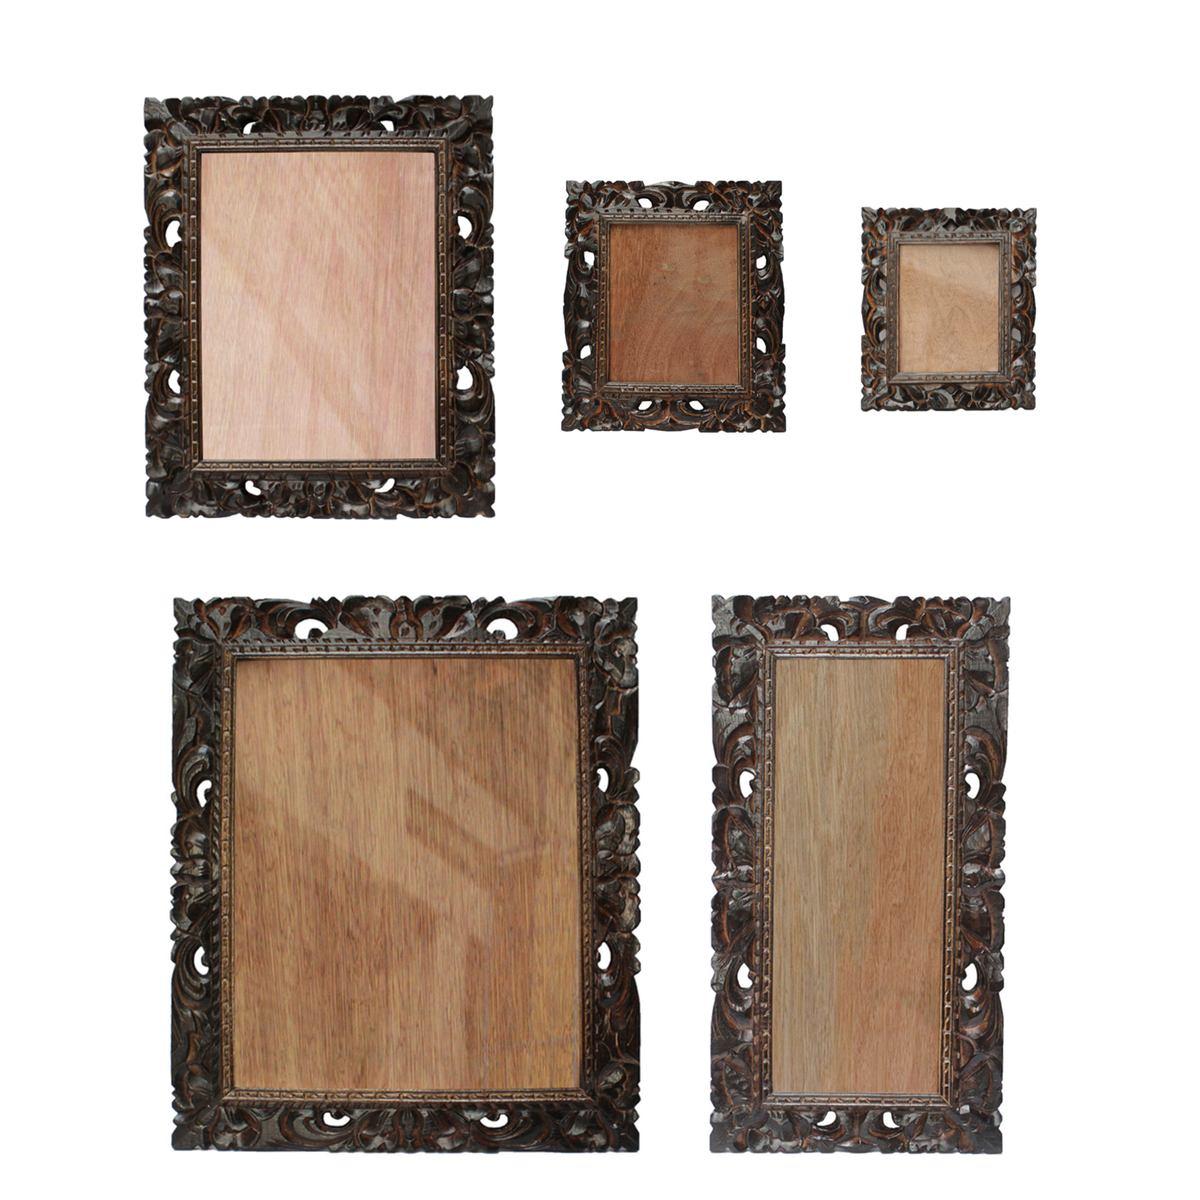 Bilderrahmen aus Holz Foto Rahmen Schnitzerei Wand Deko Glas ...